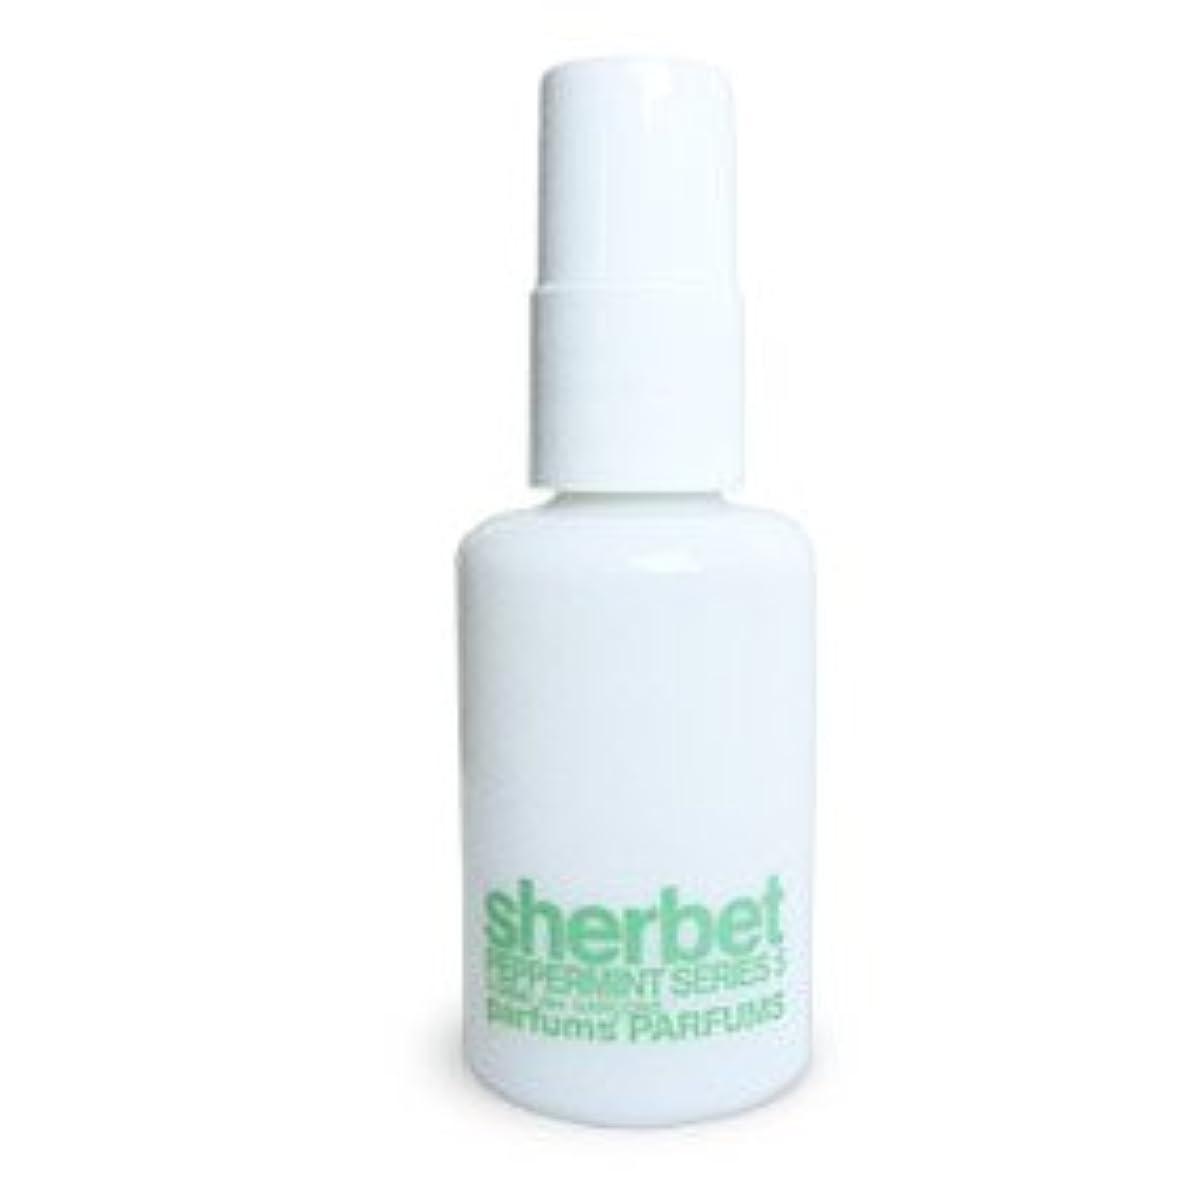 予想外全員怒りComme des Garcons Series 5 Sherbet Peppermint (コムデギャルソン シリーズ5 シャーベット ペパーミント) 1.0 oz (30ml) EDT Spray for Unisex